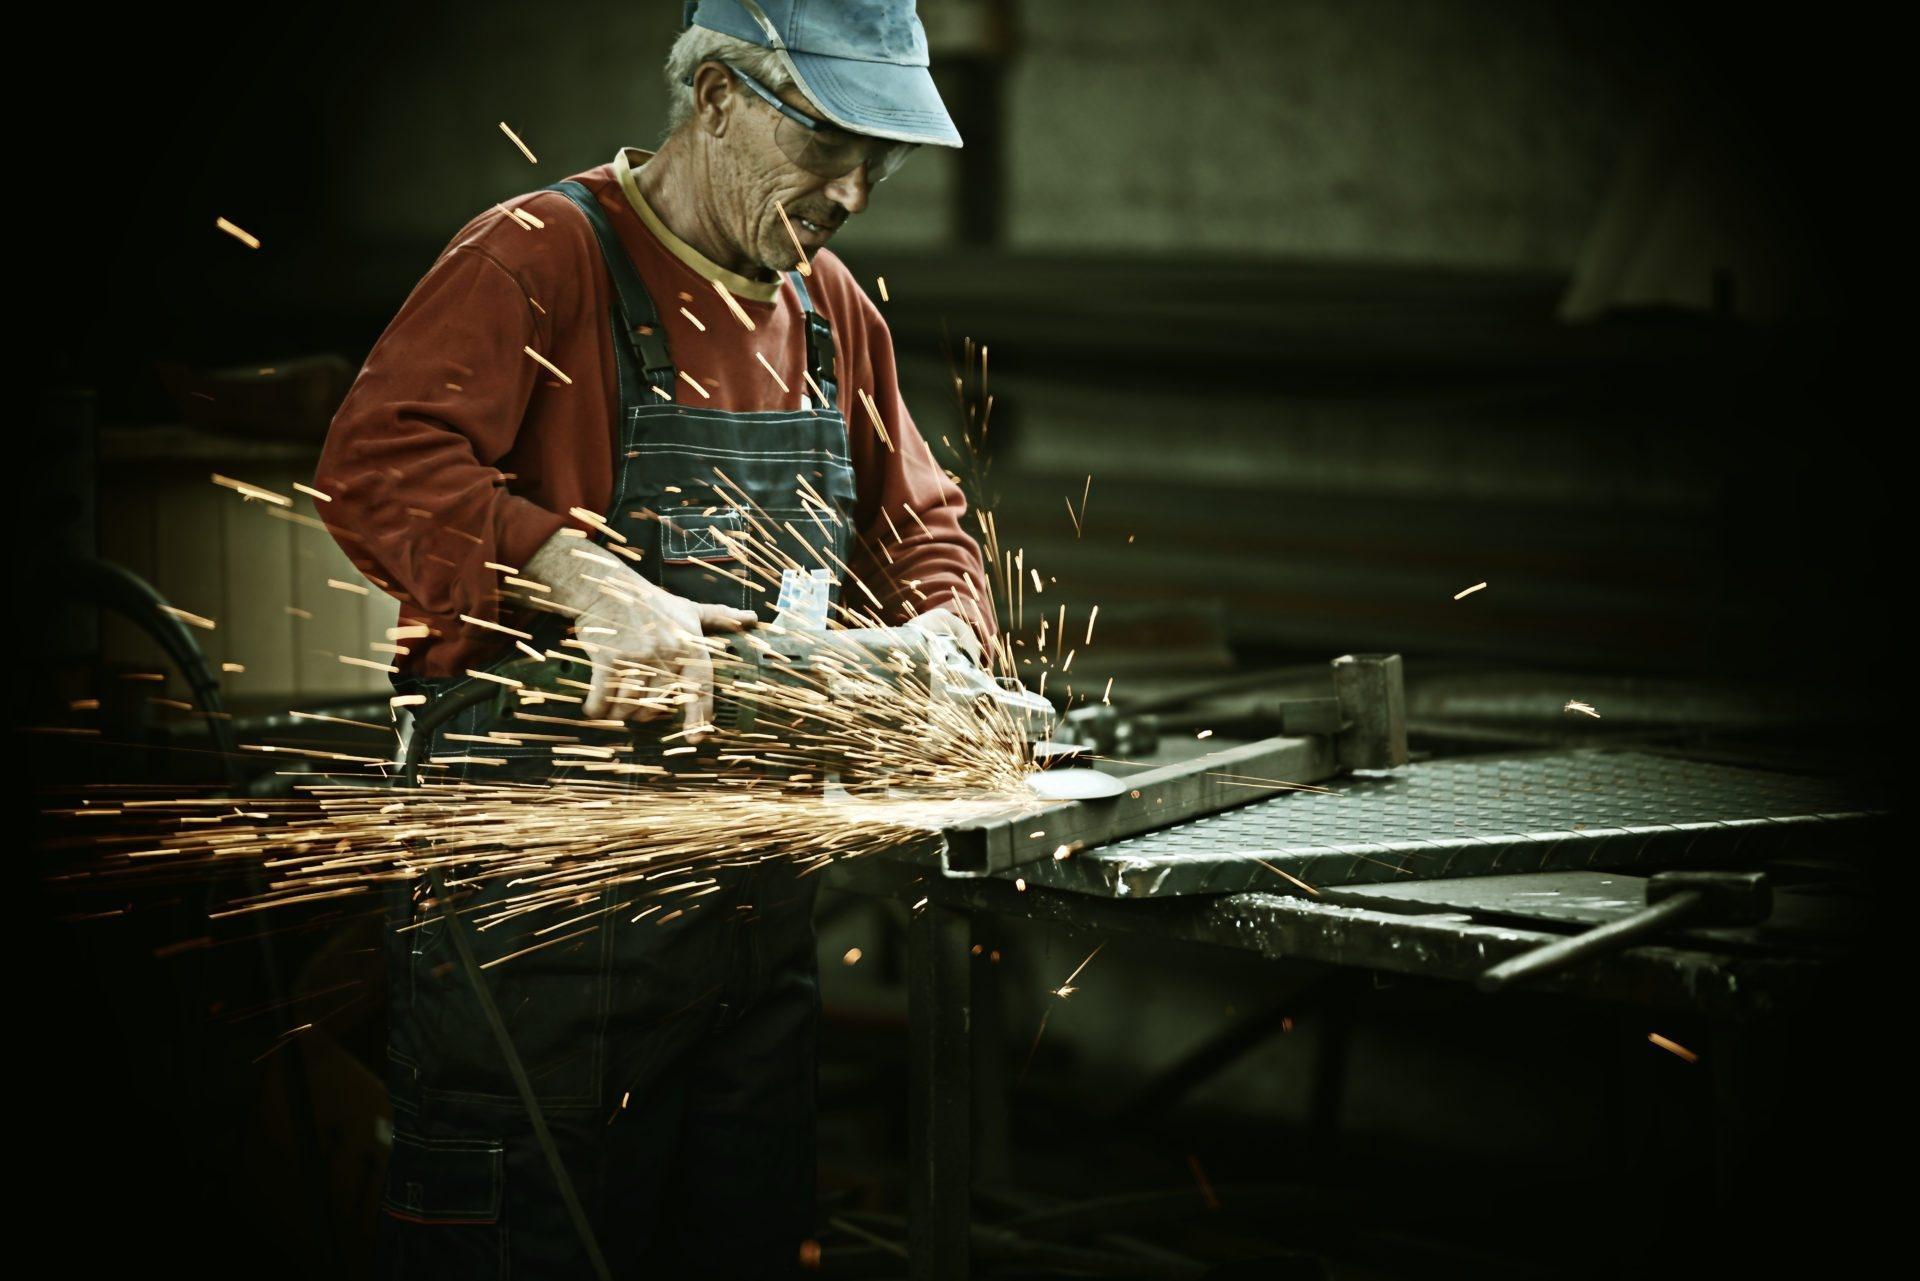 Cięcie blach profesjonalnymi narzędziami